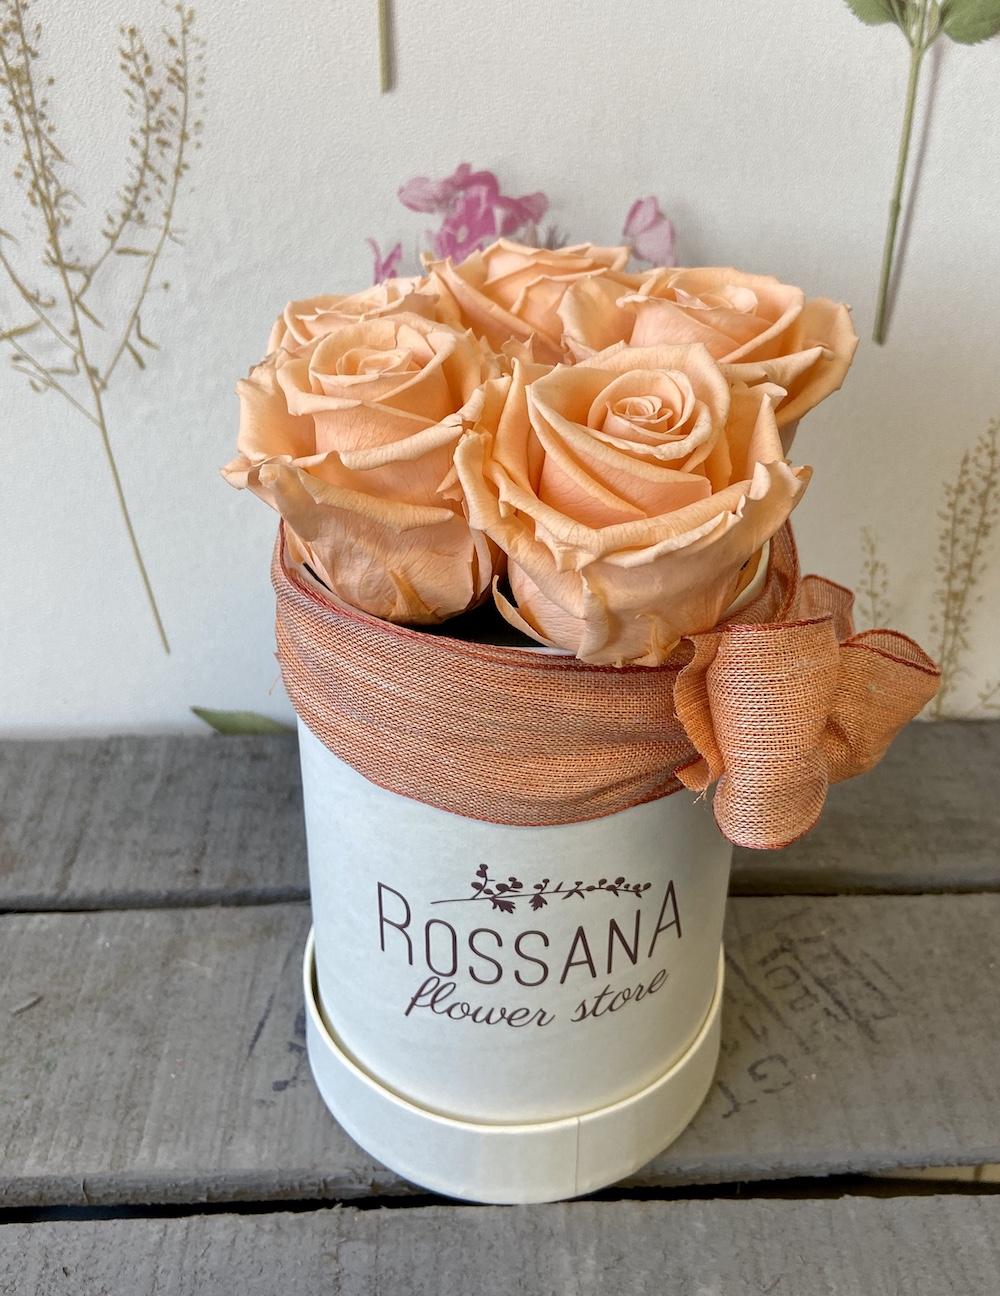 flower box rose stabilizzate pesca florashopping Rossana flower store NovellinoIMG_0271